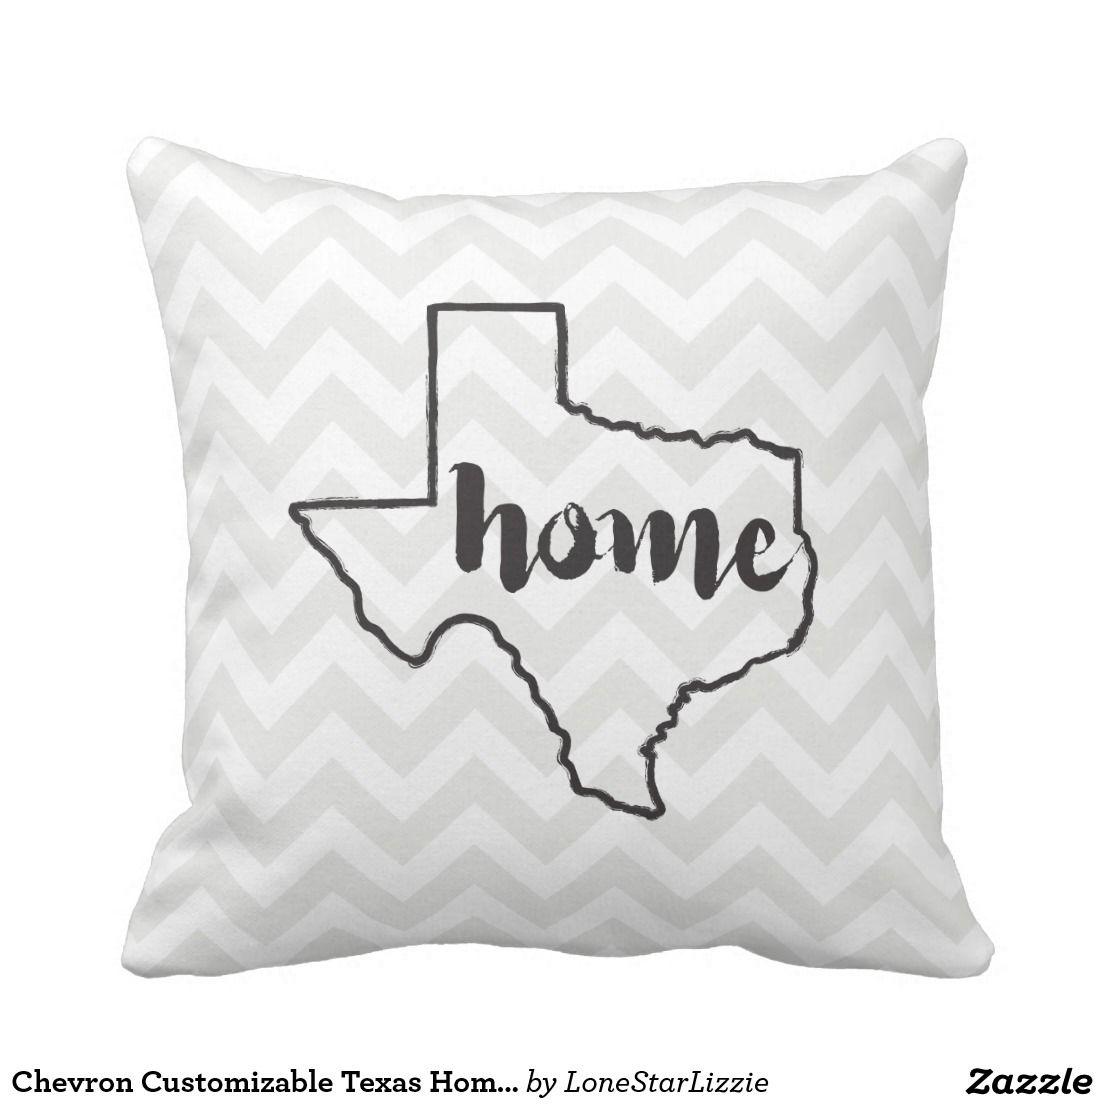 Chevron Customizable Texas Home Pillow